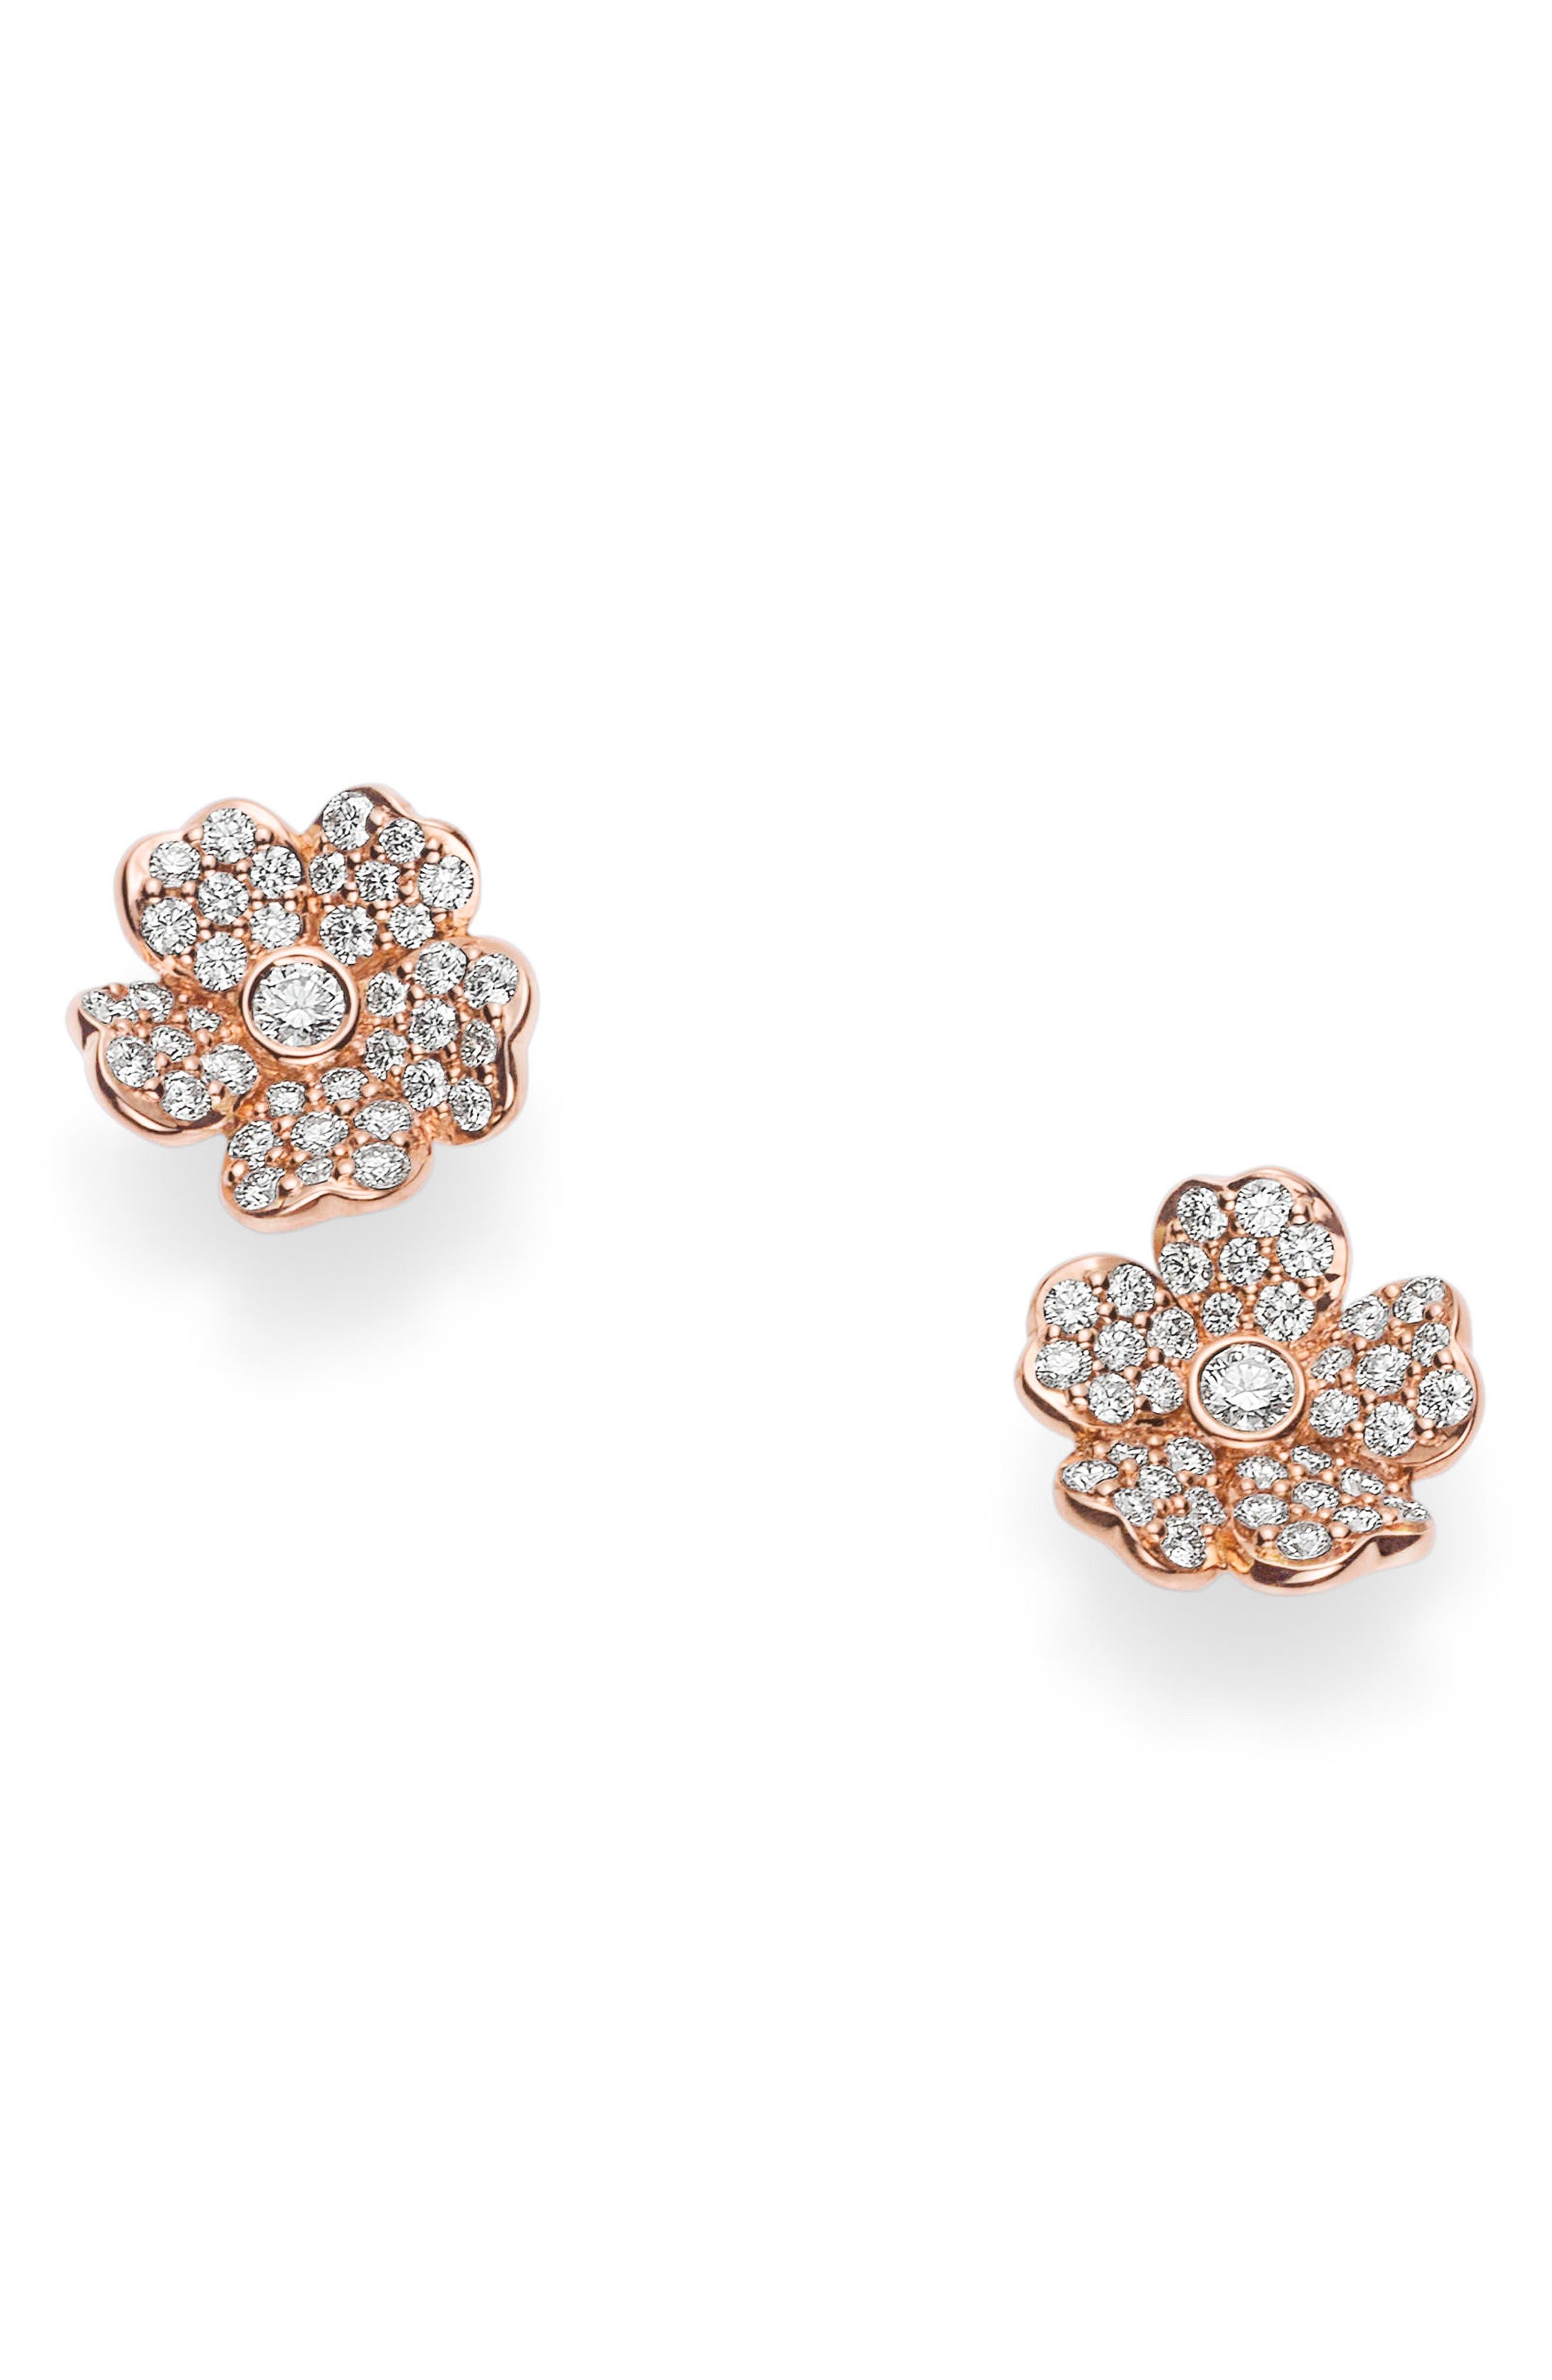 Diamond Flower Stud Earrings,                         Main,                         color, Rose Gold